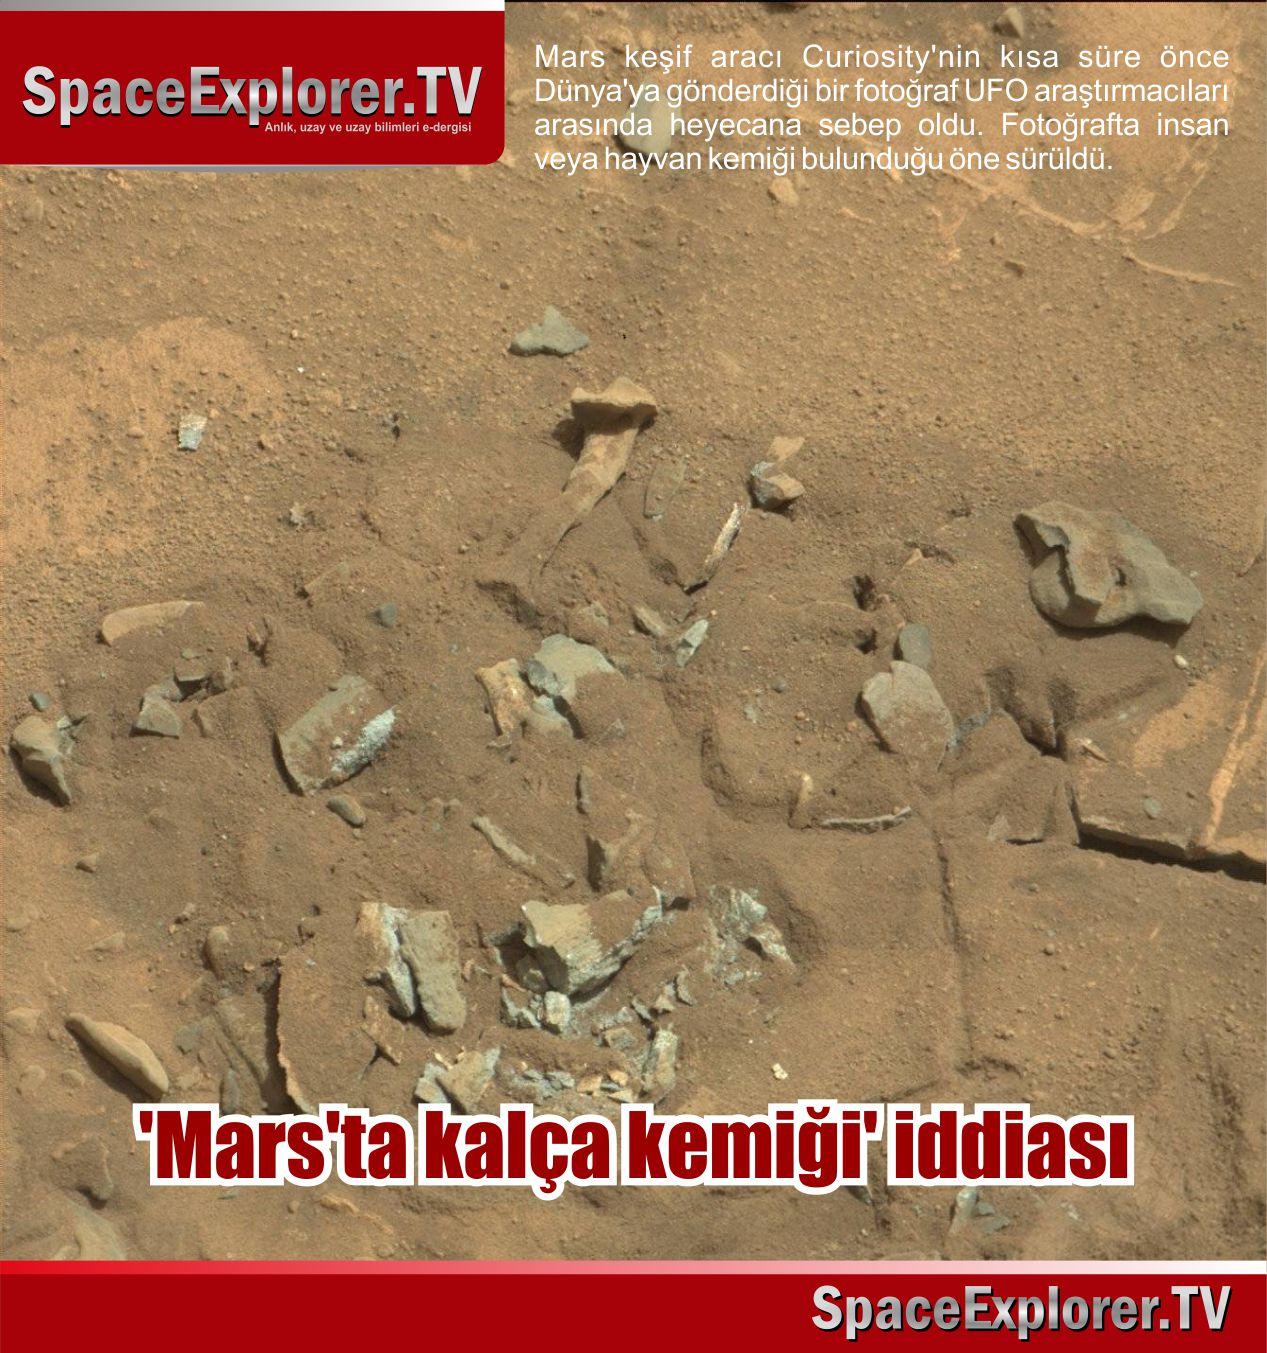 Space Explorer, Mars, Merih, Mars'ta yaşam var mı, Mars'ta insan mı var, Mars'taki omurga iskeleti, Marslılar, Uzayda hayat var mı?, Videolar, Curiostiy,